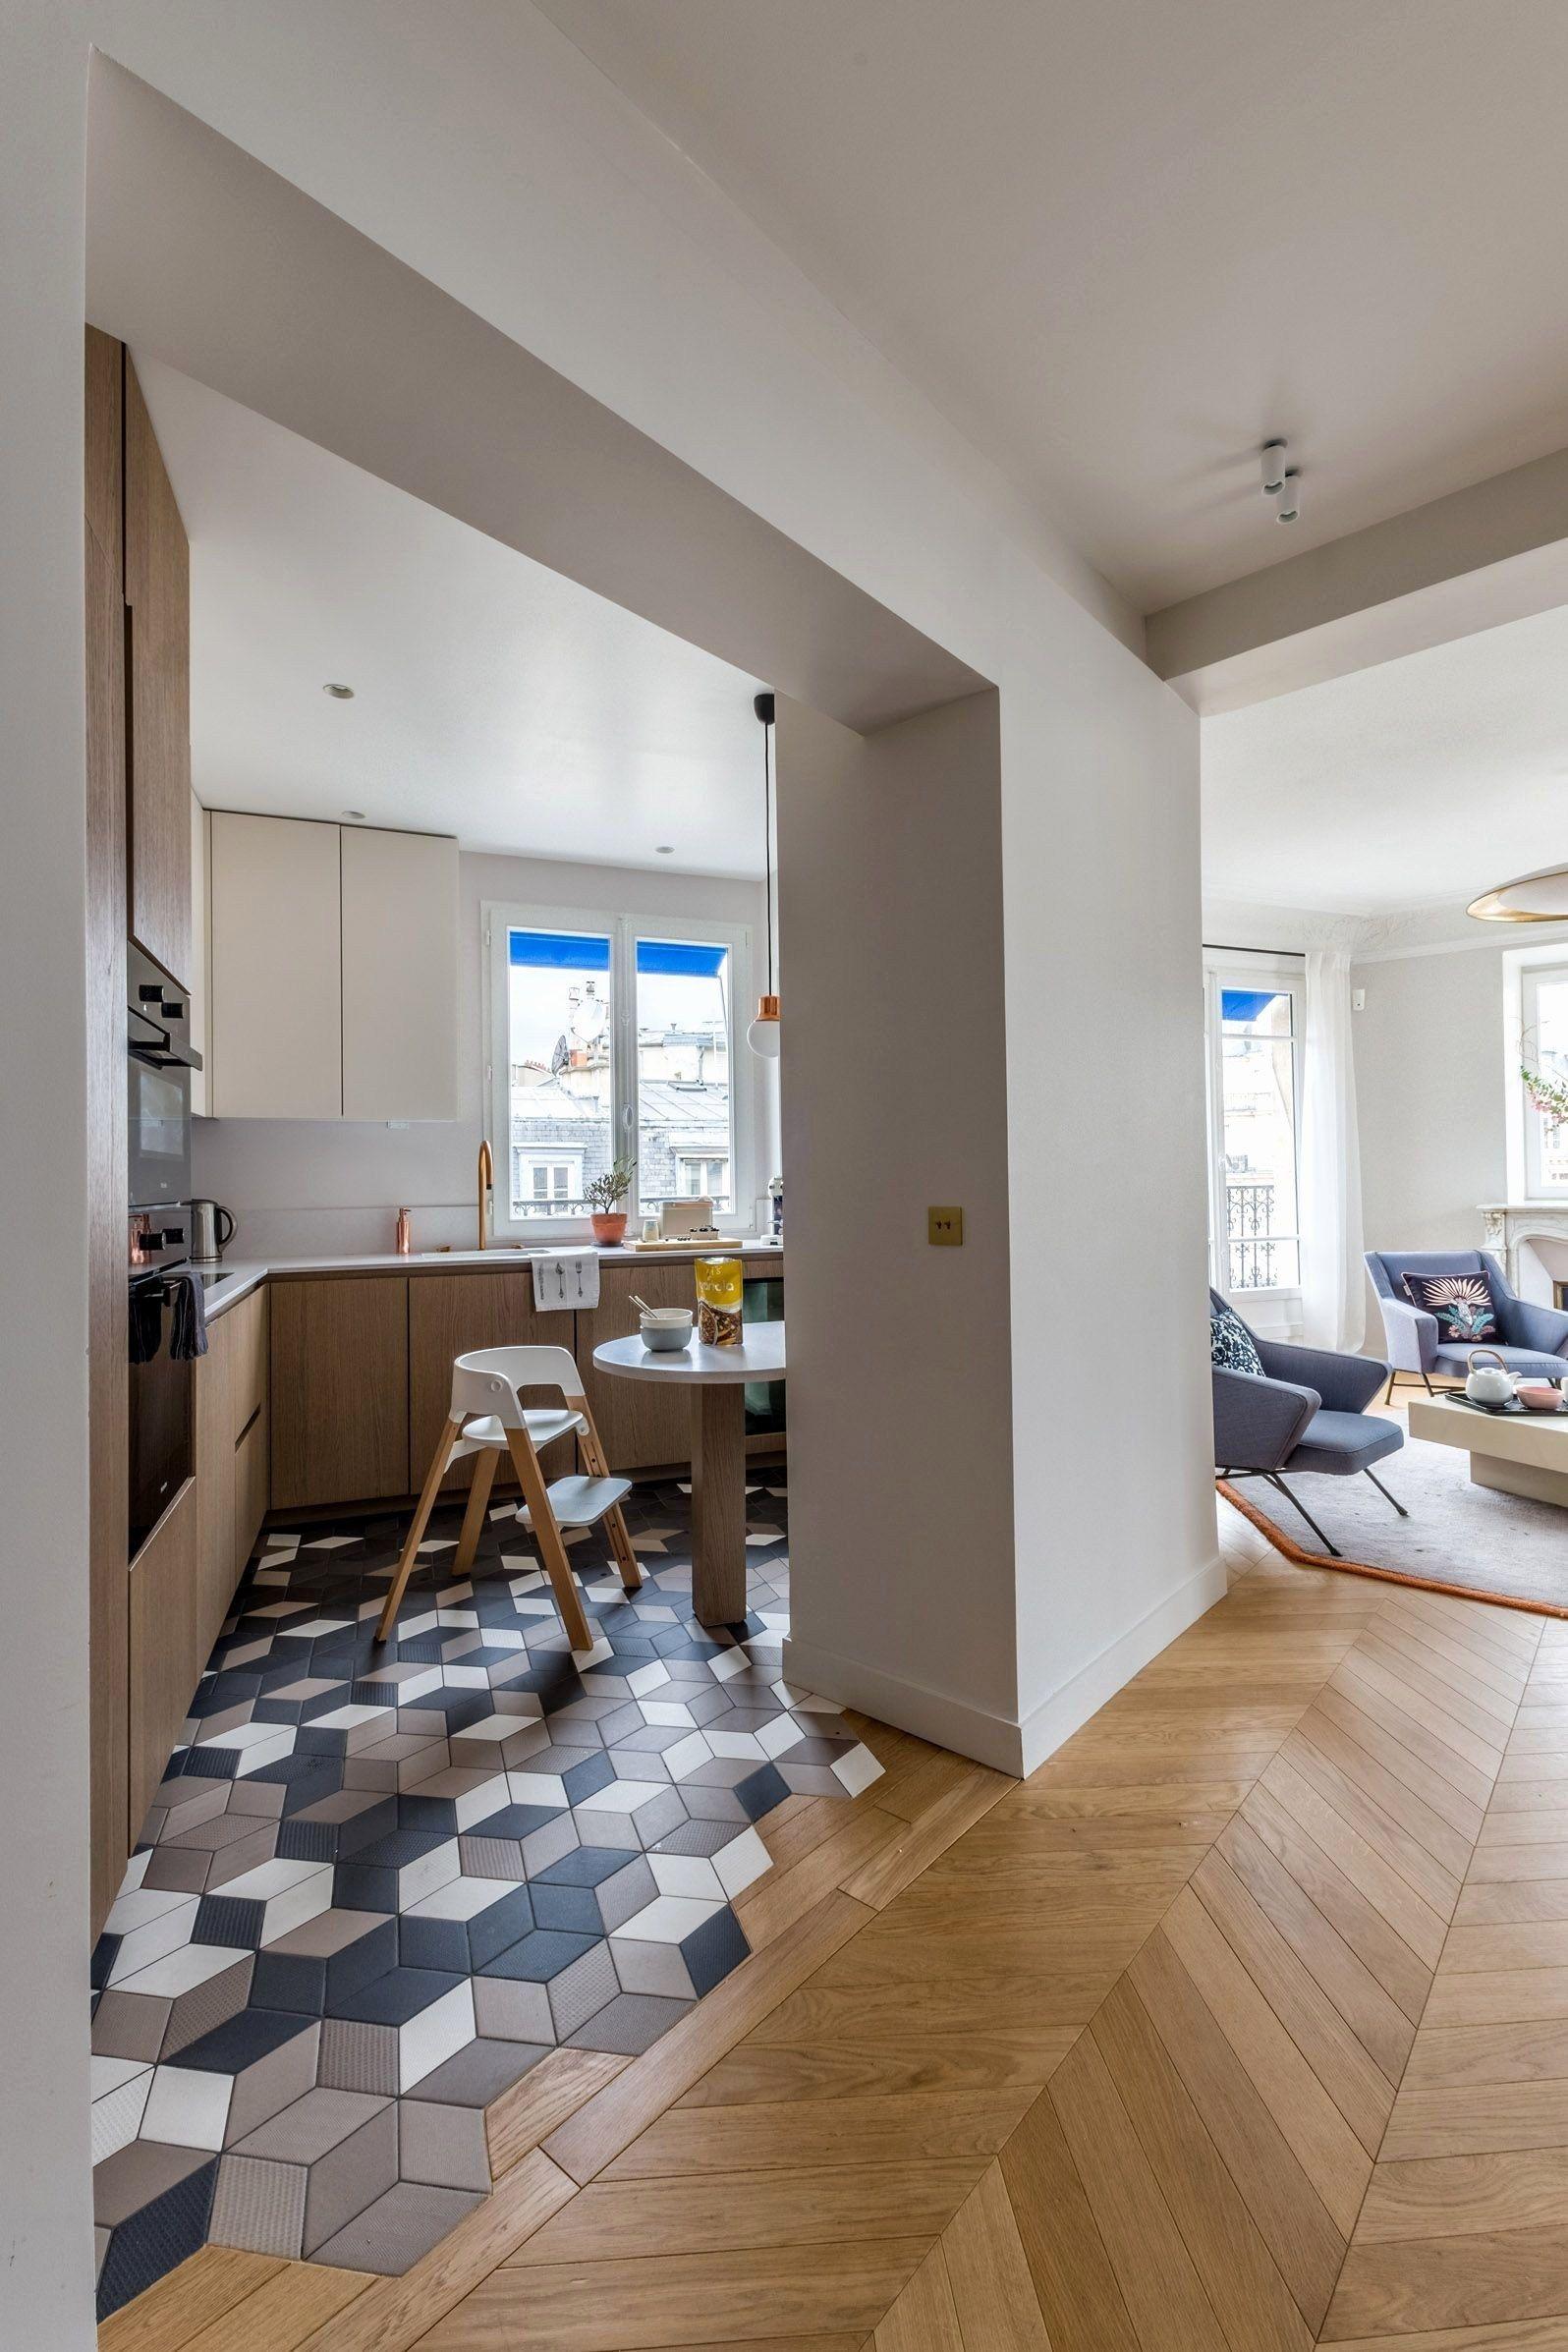 du parquet dans la cuisine 20 id es pour s 39 inspirer. Black Bedroom Furniture Sets. Home Design Ideas